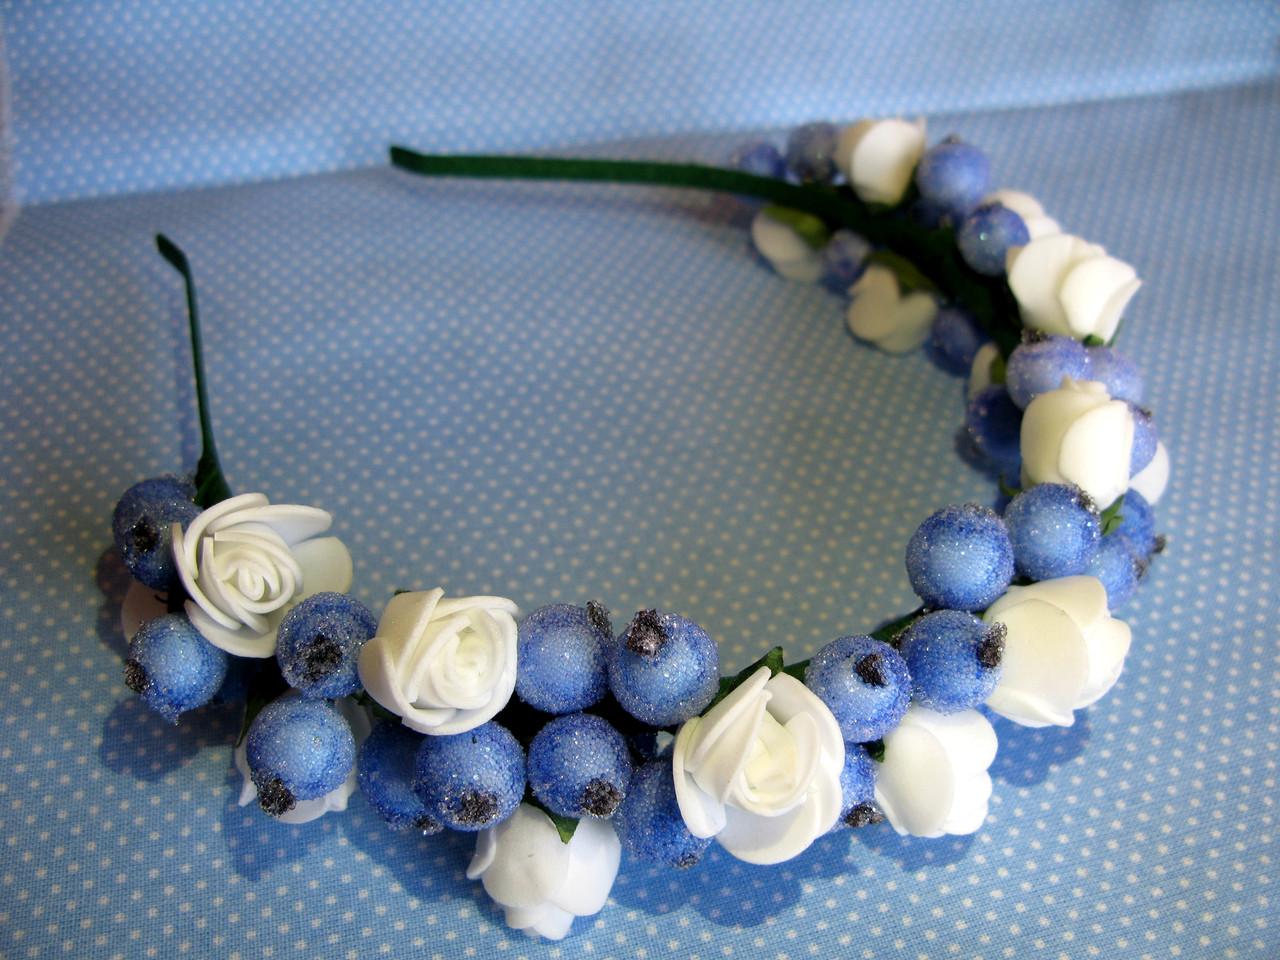 Обруч с сахарными ягодами калины и розочками 125 грн